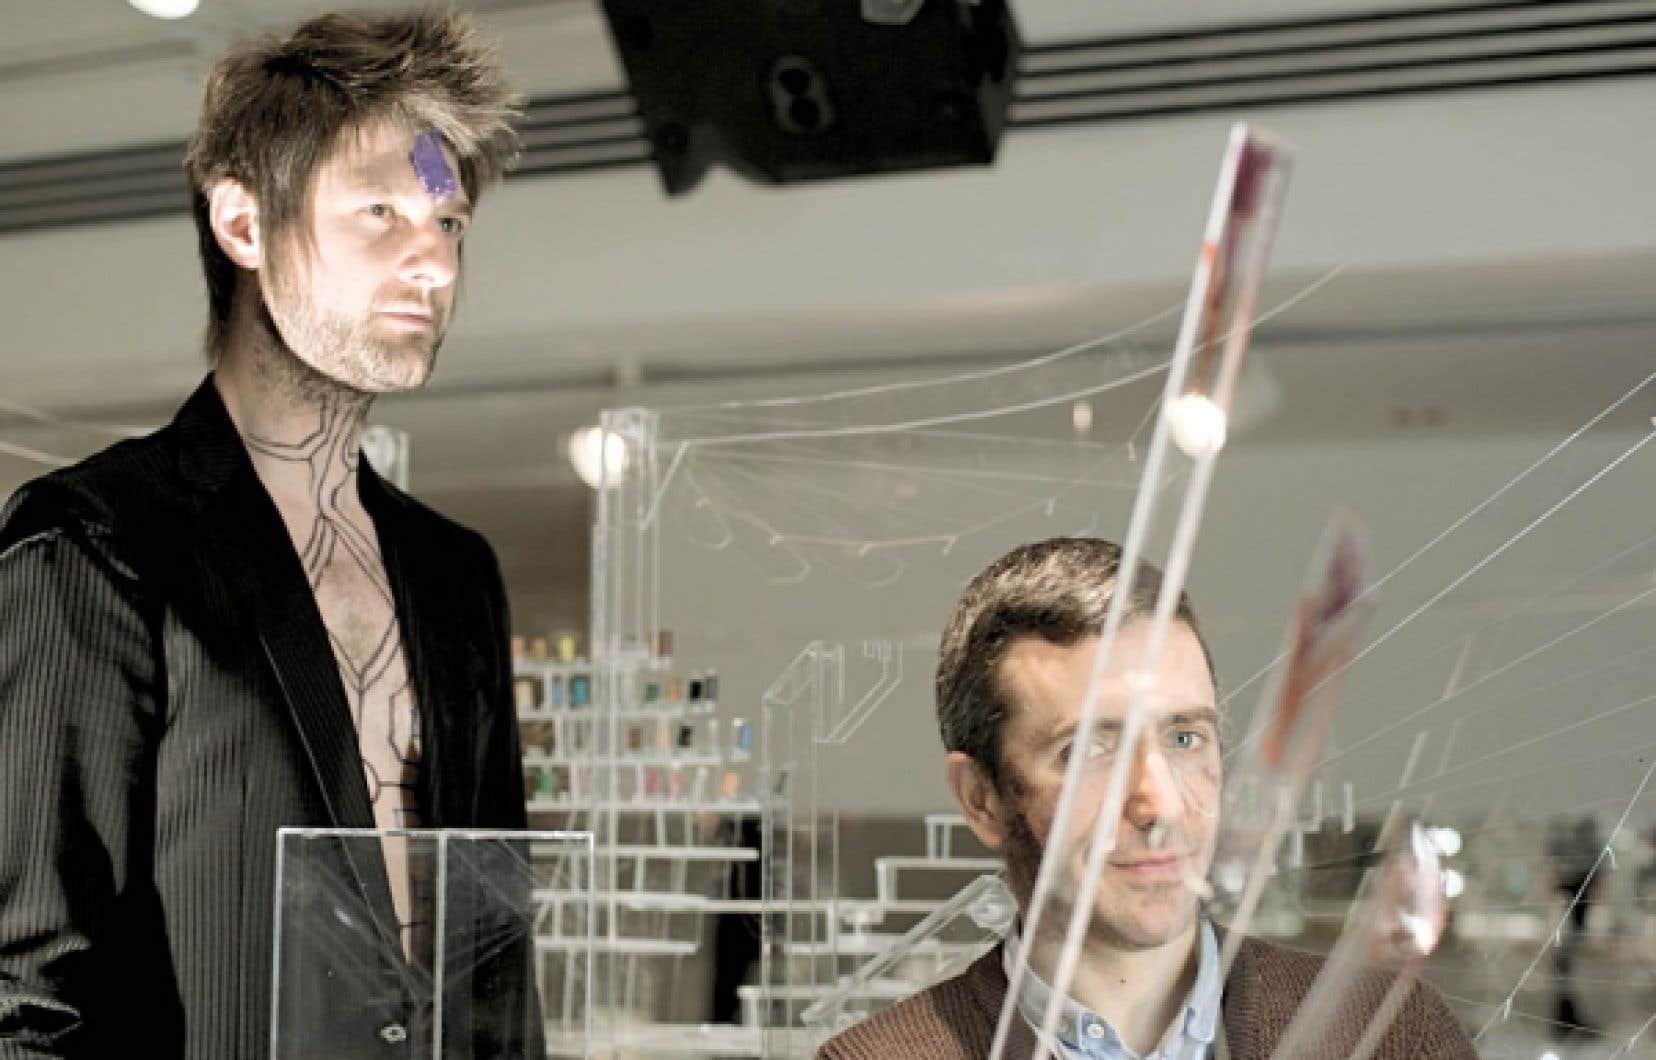 Pierre Lapointe et David Altmedj ont travaillé ensemble sur le projet Contes crépusculaires, présenté à la galerie de l'UQAM.